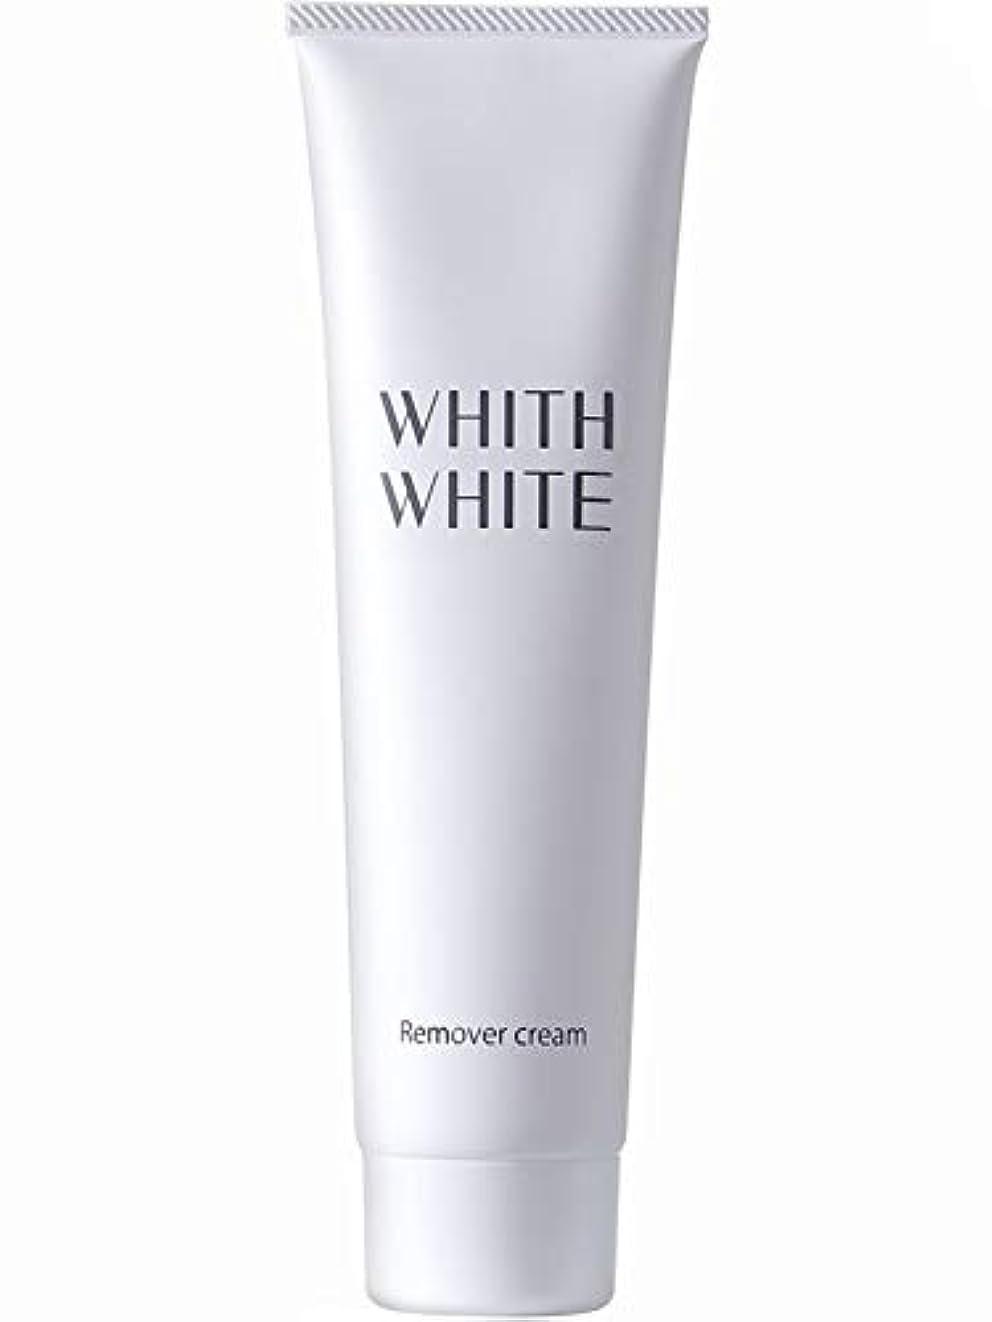 用量稚魚節約する【医薬部外品】 WHITH WHITE(フィス ホワイト) 除毛クリーム 150g 陰部 使用可能